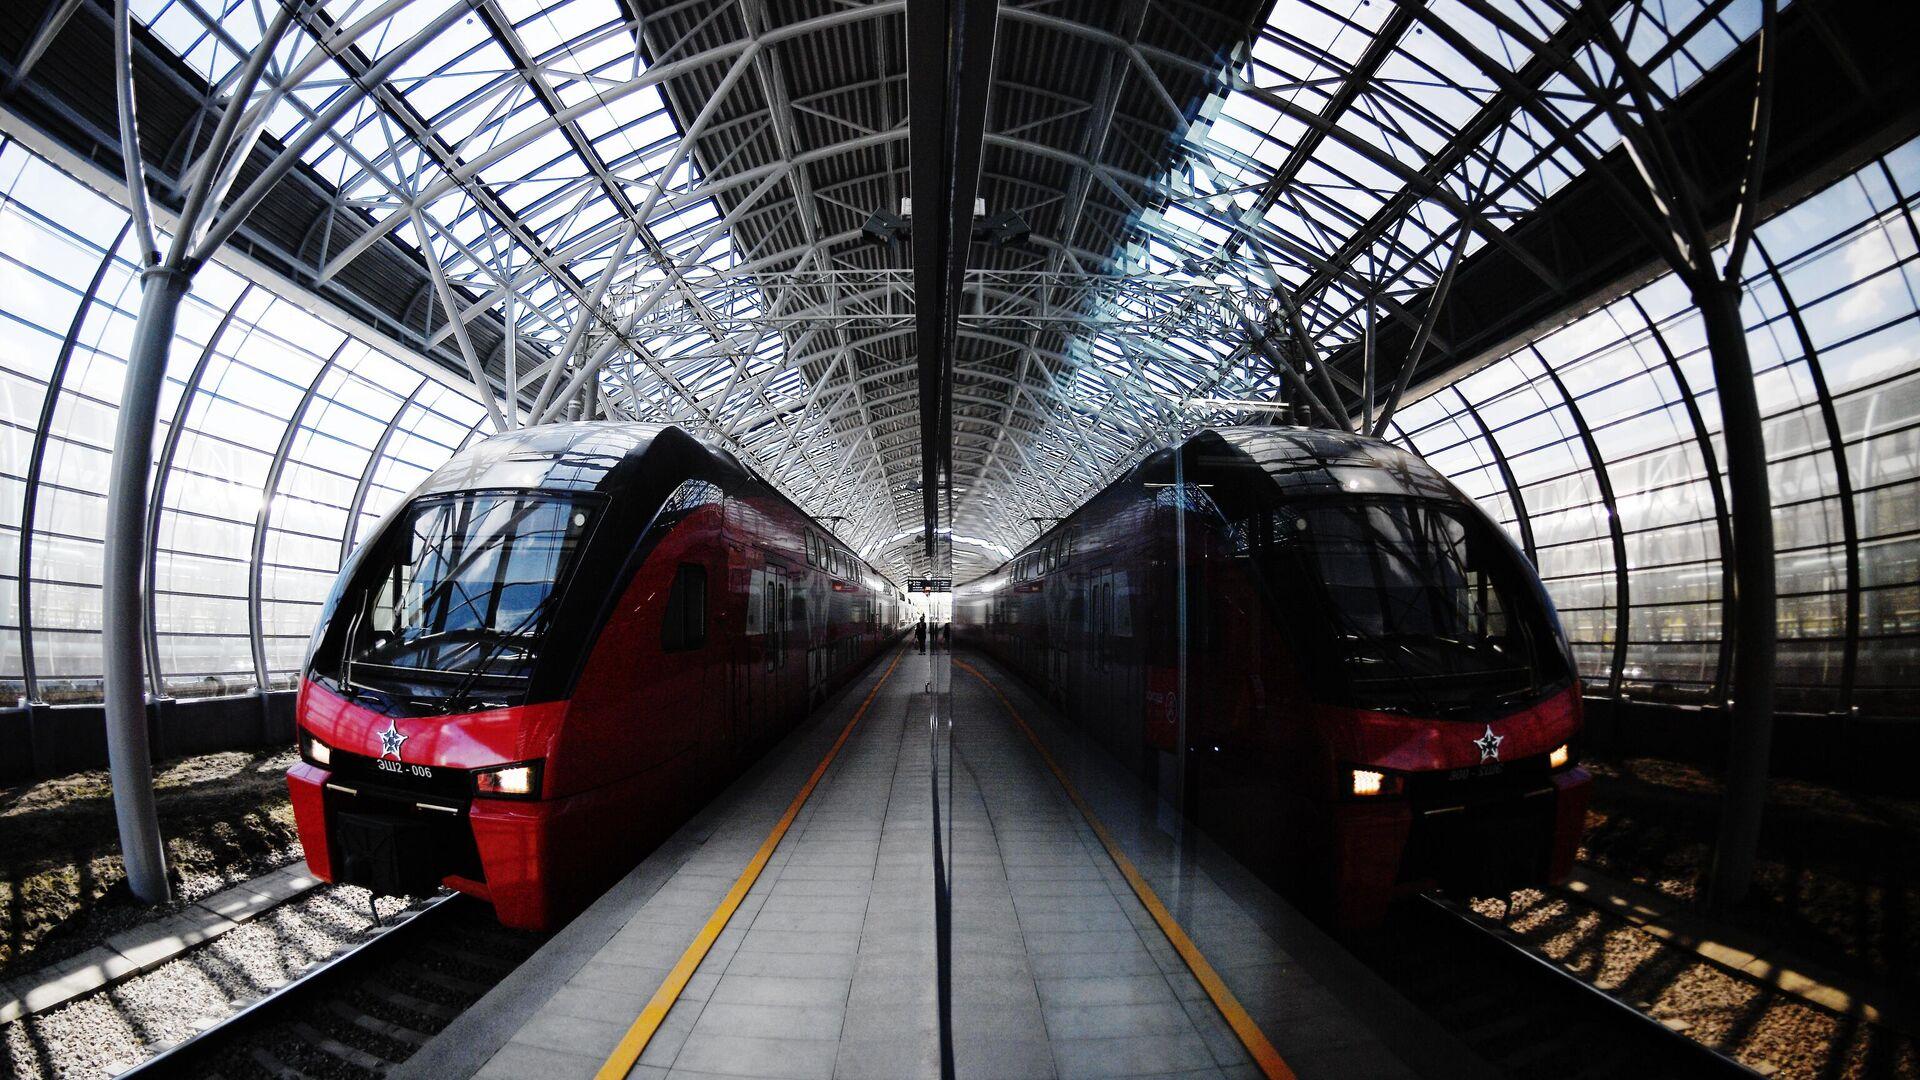 Поезд прибывает на станцию Славянский бульвар линии МЦД-1 - РИА Новости, 1920, 19.09.2020